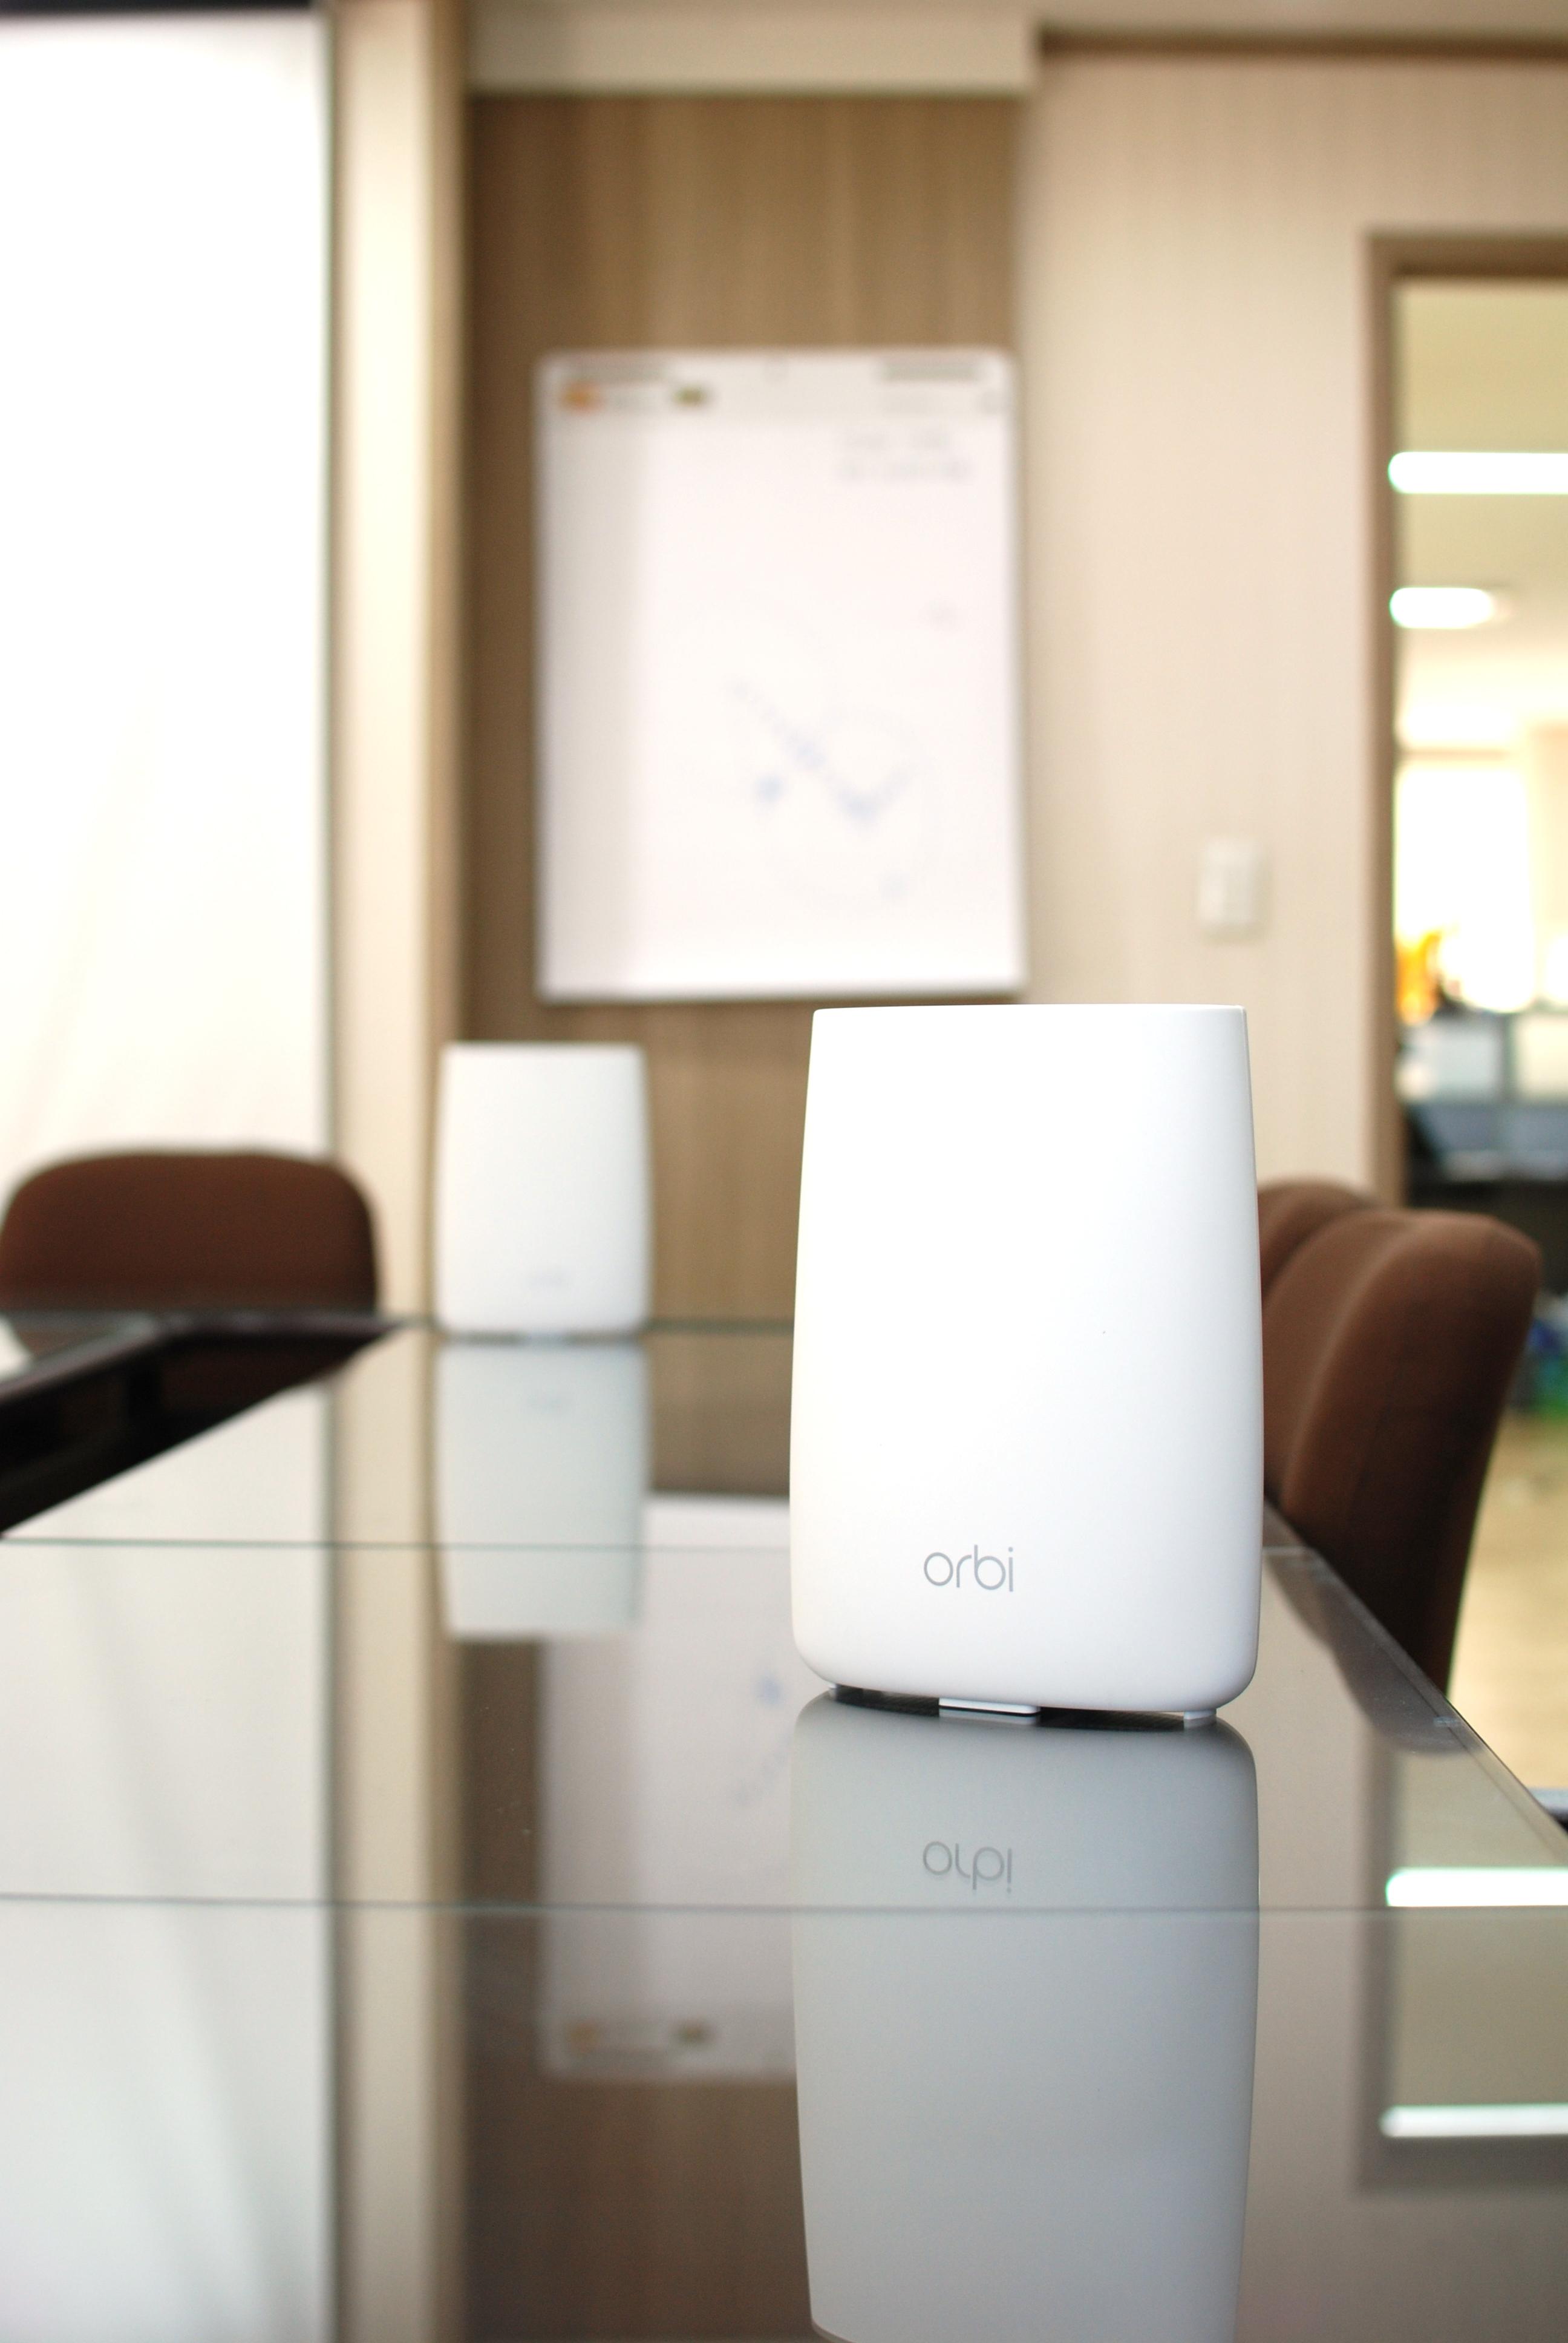 [써보니+] 와이파이 데드 존을 지우다. '오르비' 무선 와이파이 시스템을 만나다.